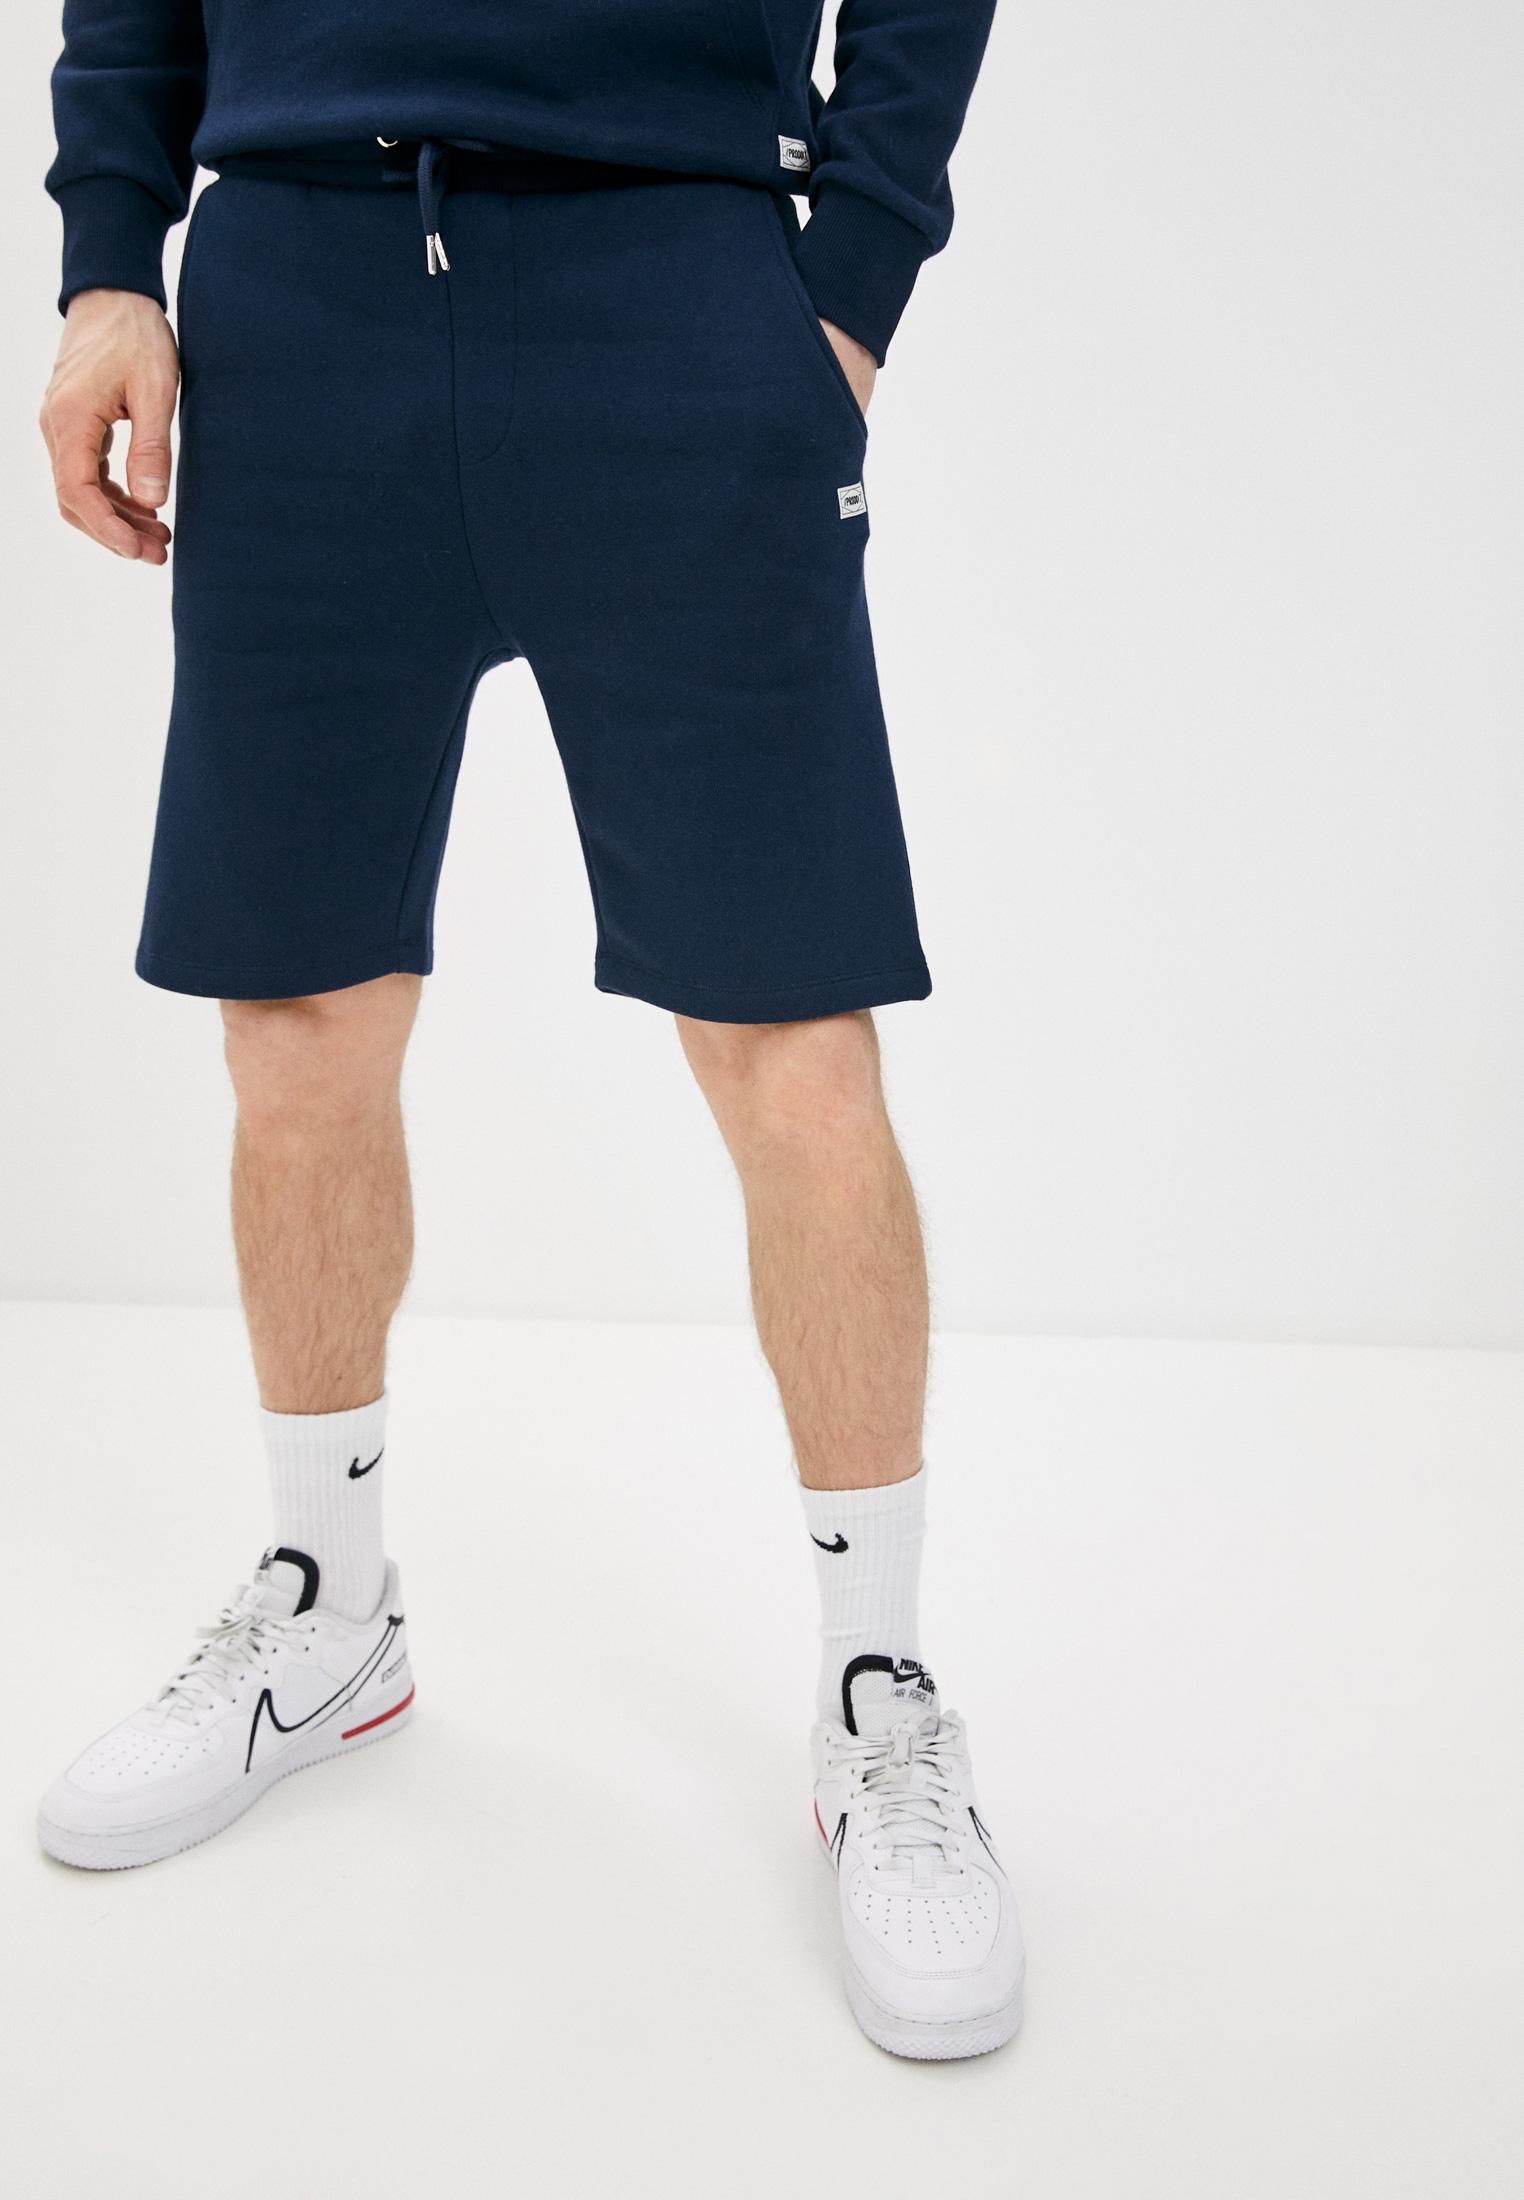 Мужские спортивные шорты Produkt Шорты спортивные Produkt